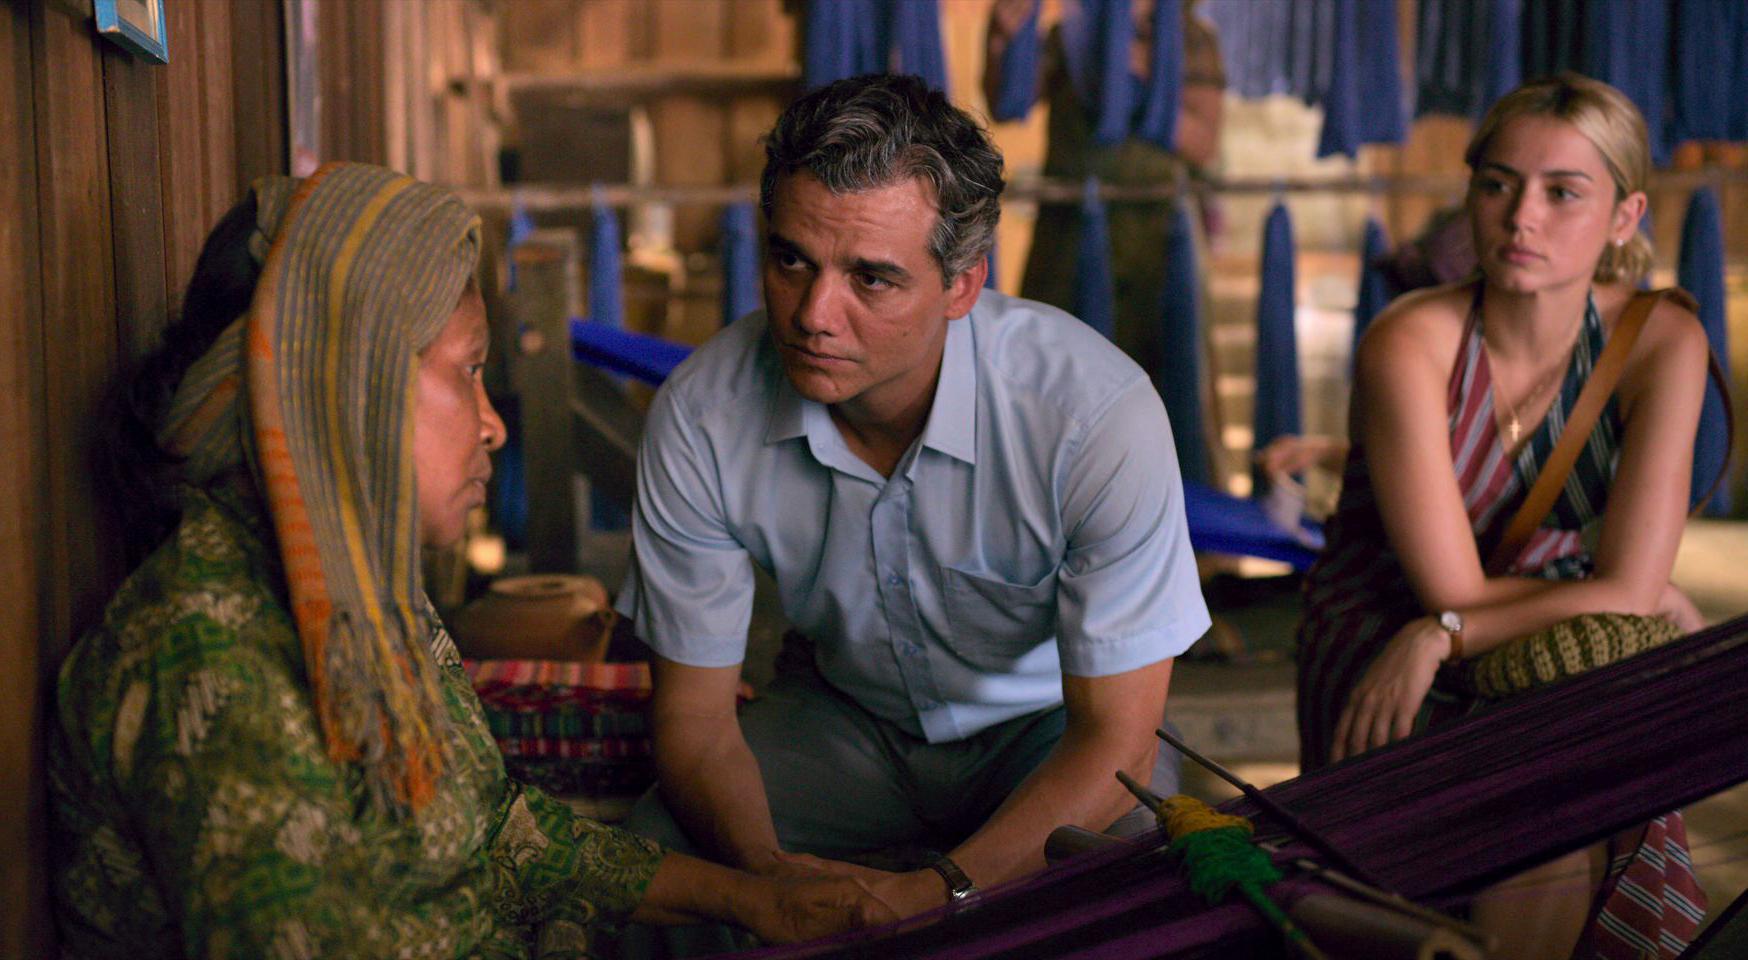 SERGIO, filme original da Netflix com Wagner Moura, ganha trailer